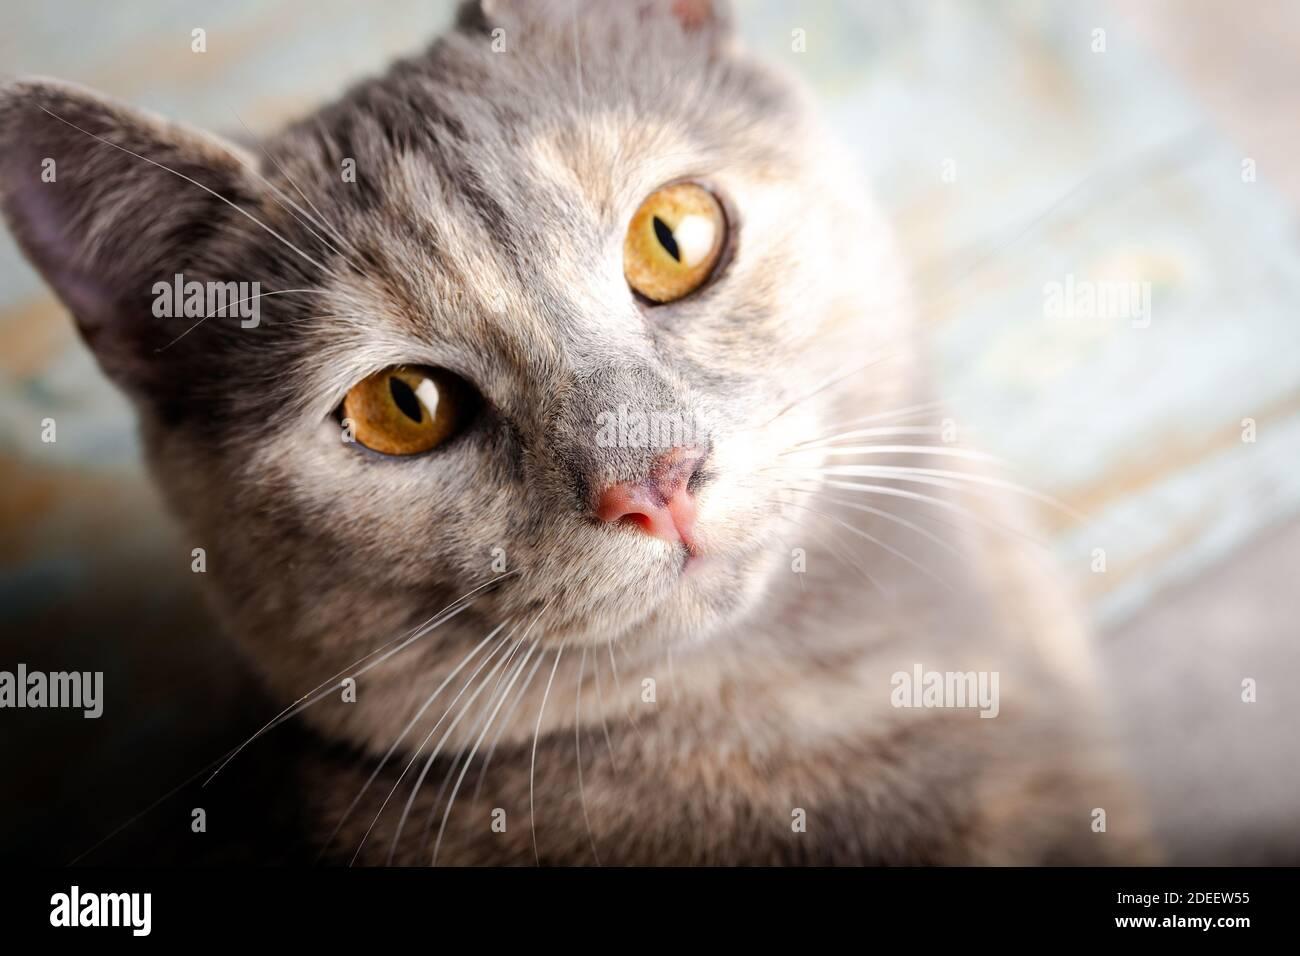 Gatito con ojos hermosos. Primer plano retrato de un gato de color melocotón con ojos de ámbar. Foto de stock